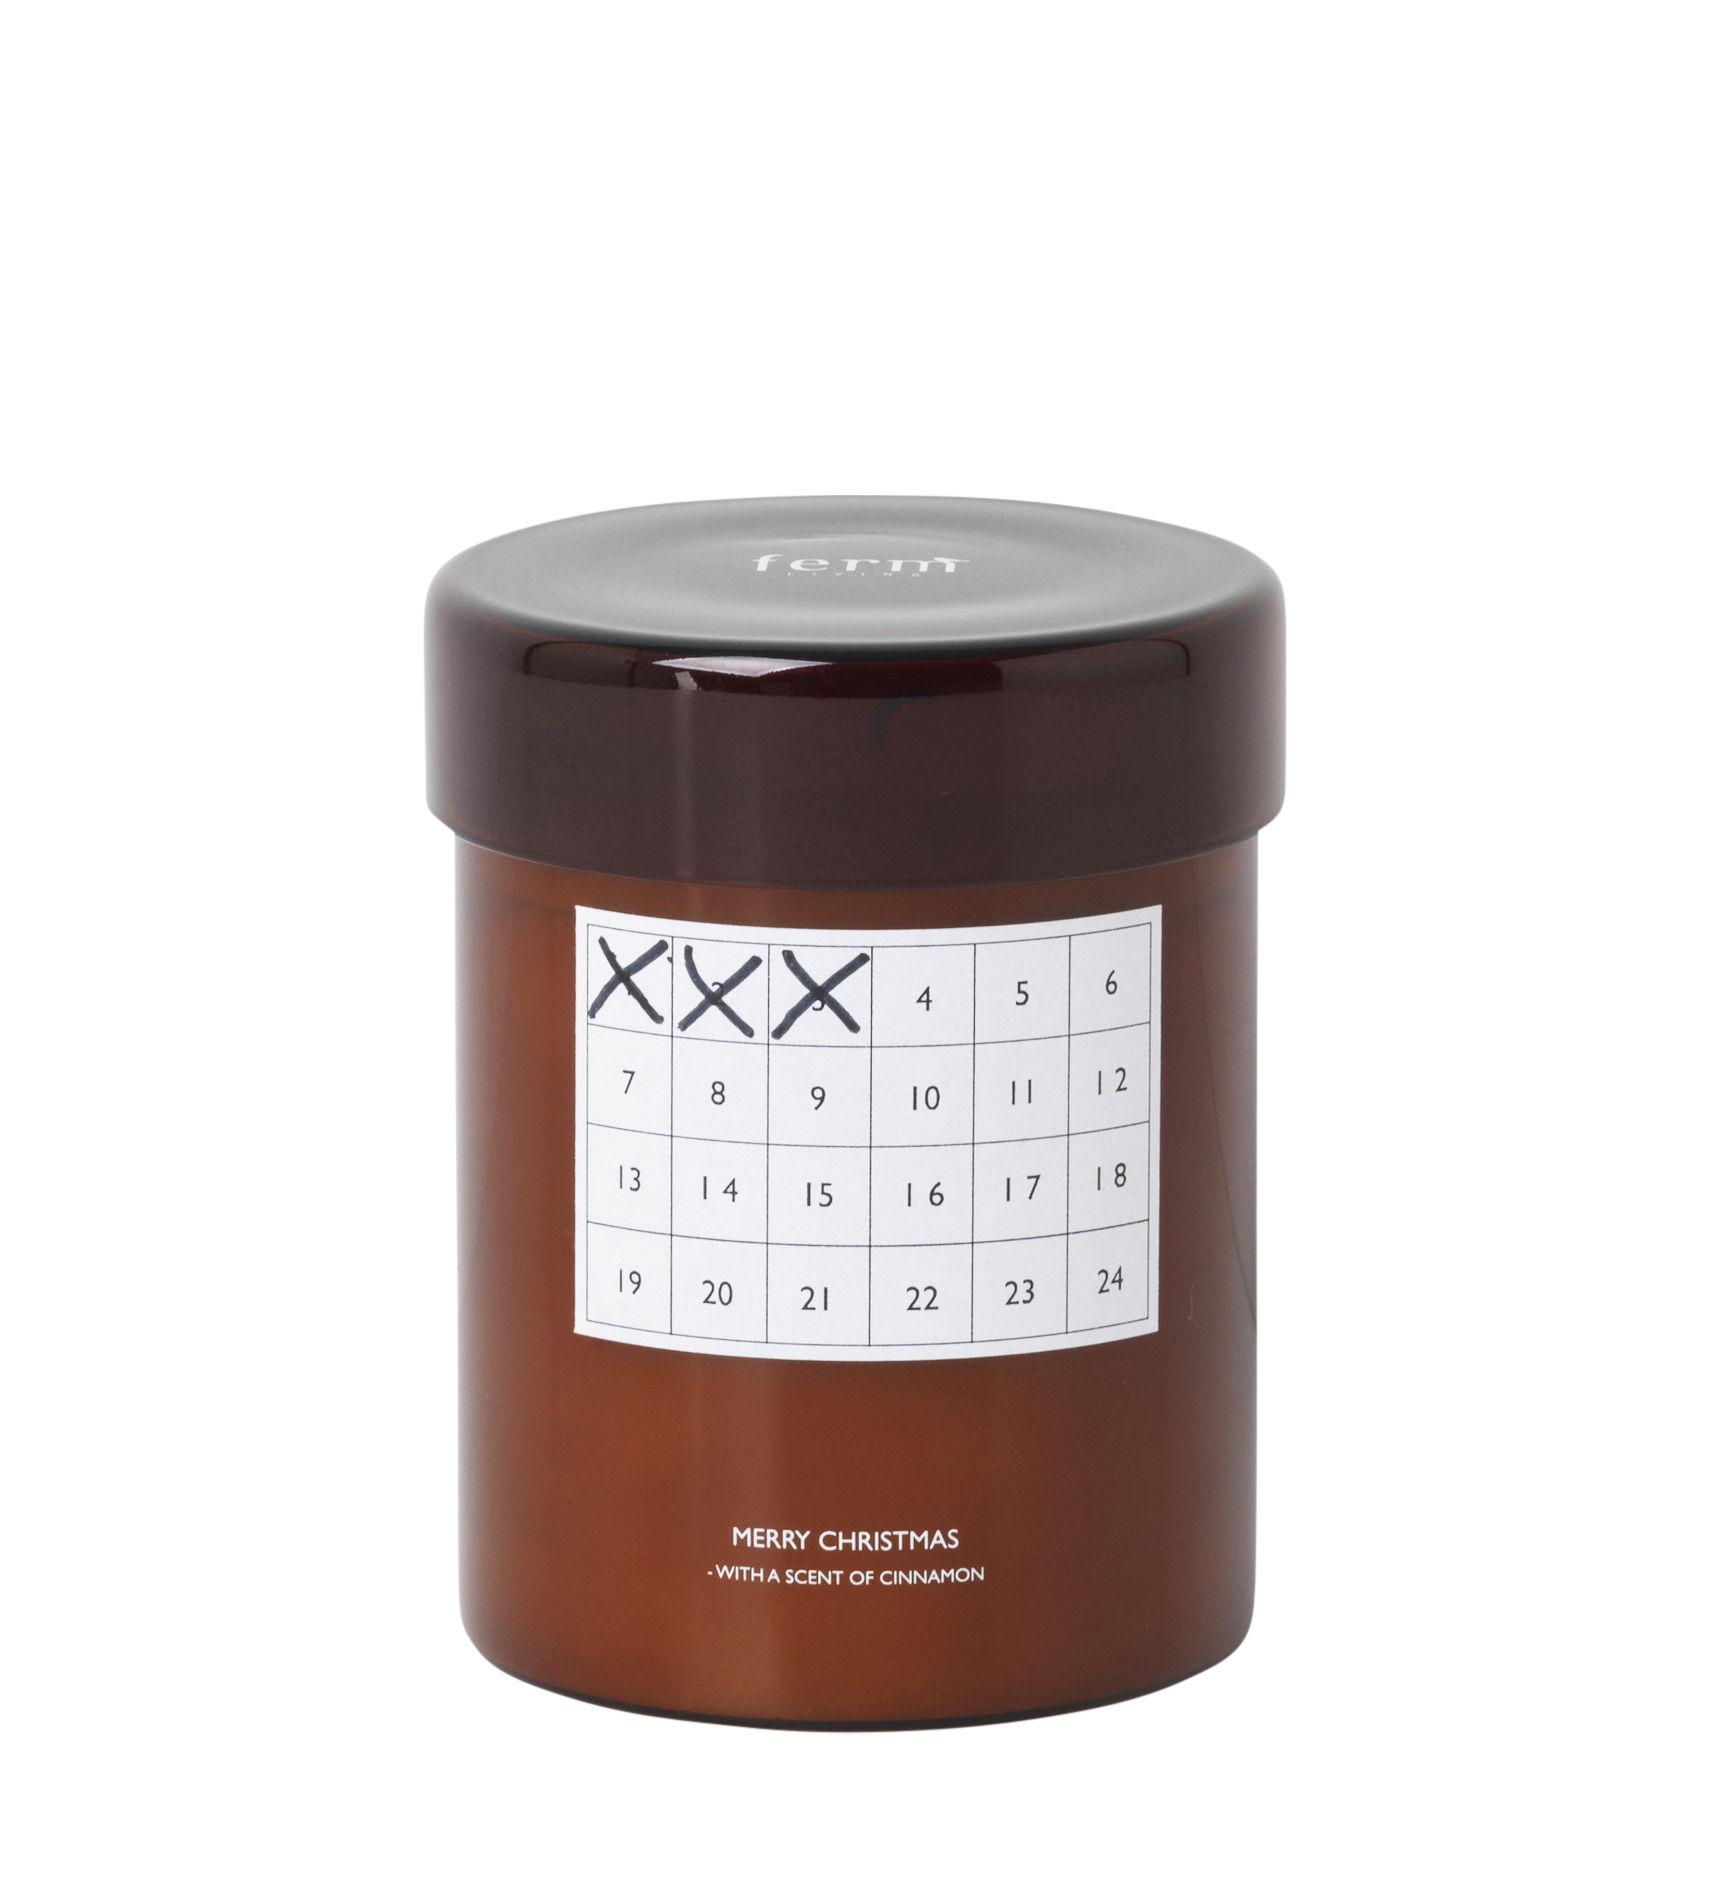 Déco - Bougeoirs, photophores - Bougie parfumée Cannelle / Calendrier de Noël - Ferm Living - Ambre - Cire, Verre